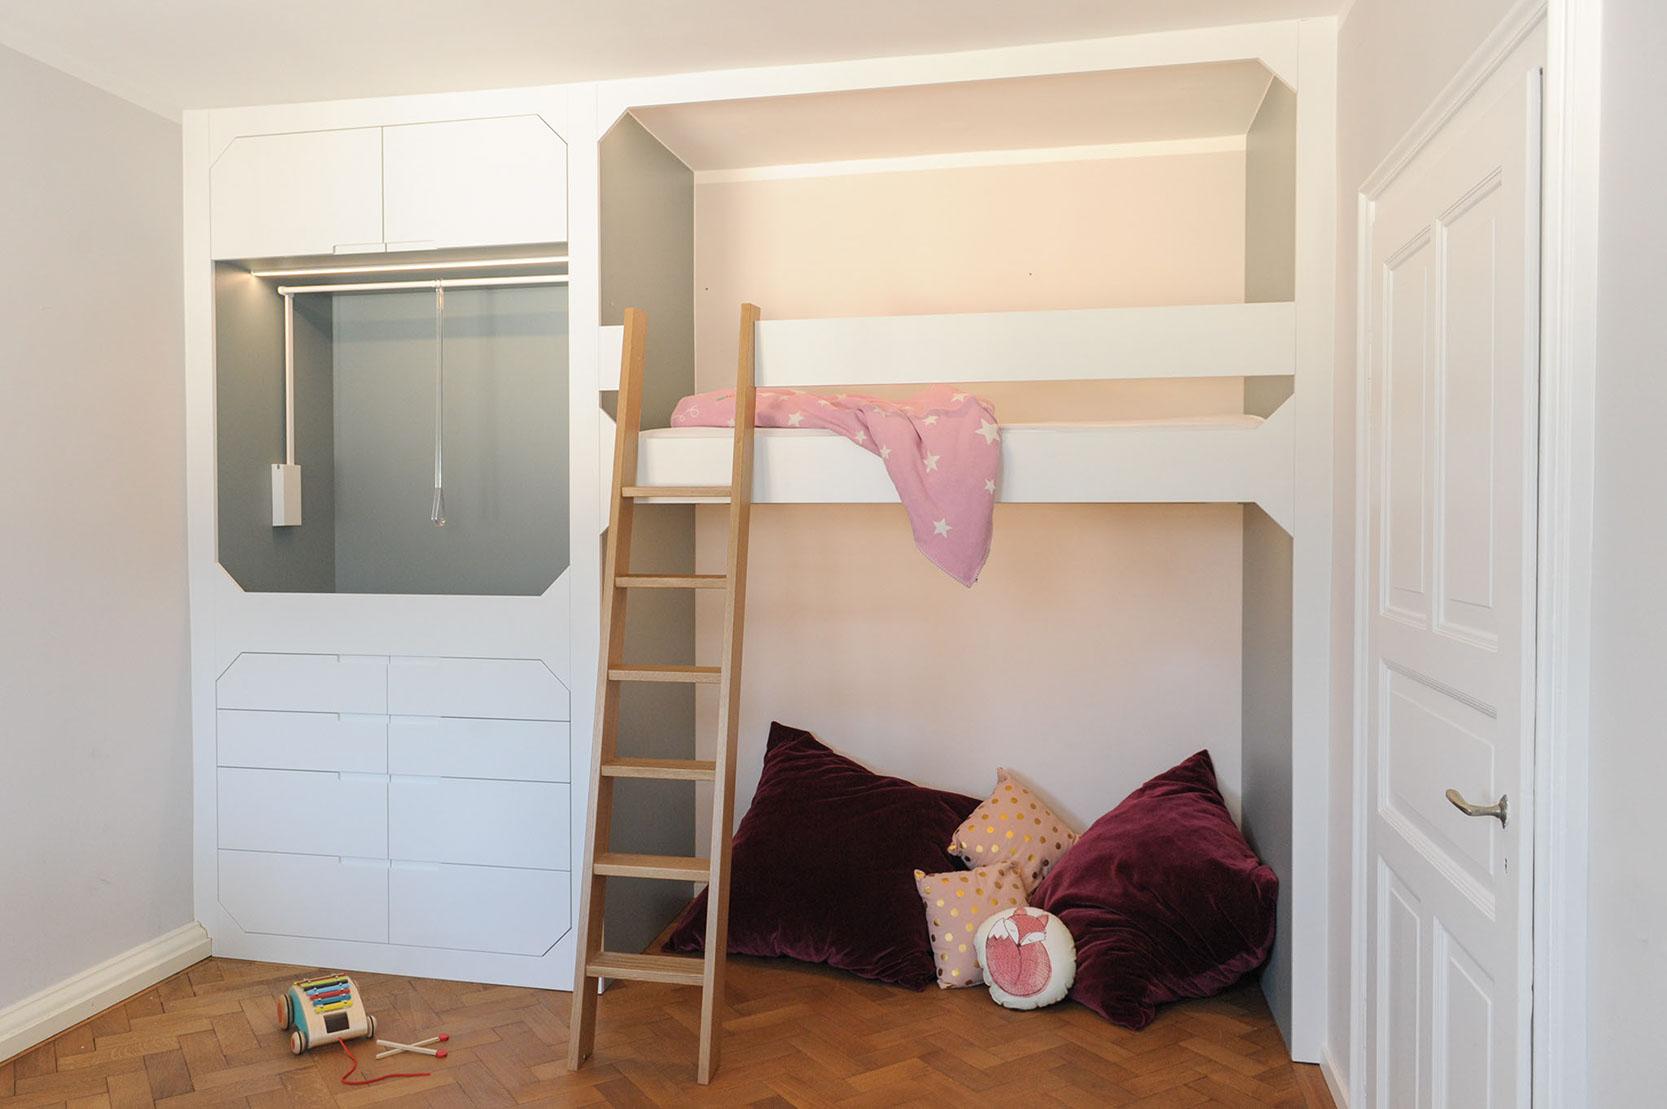 Full Size of Schreinerei Teko Schreiner In Mnchen Regal Kinderzimmer Weiß Sofa Regale Kinderzimmer Hochbett Kinderzimmer